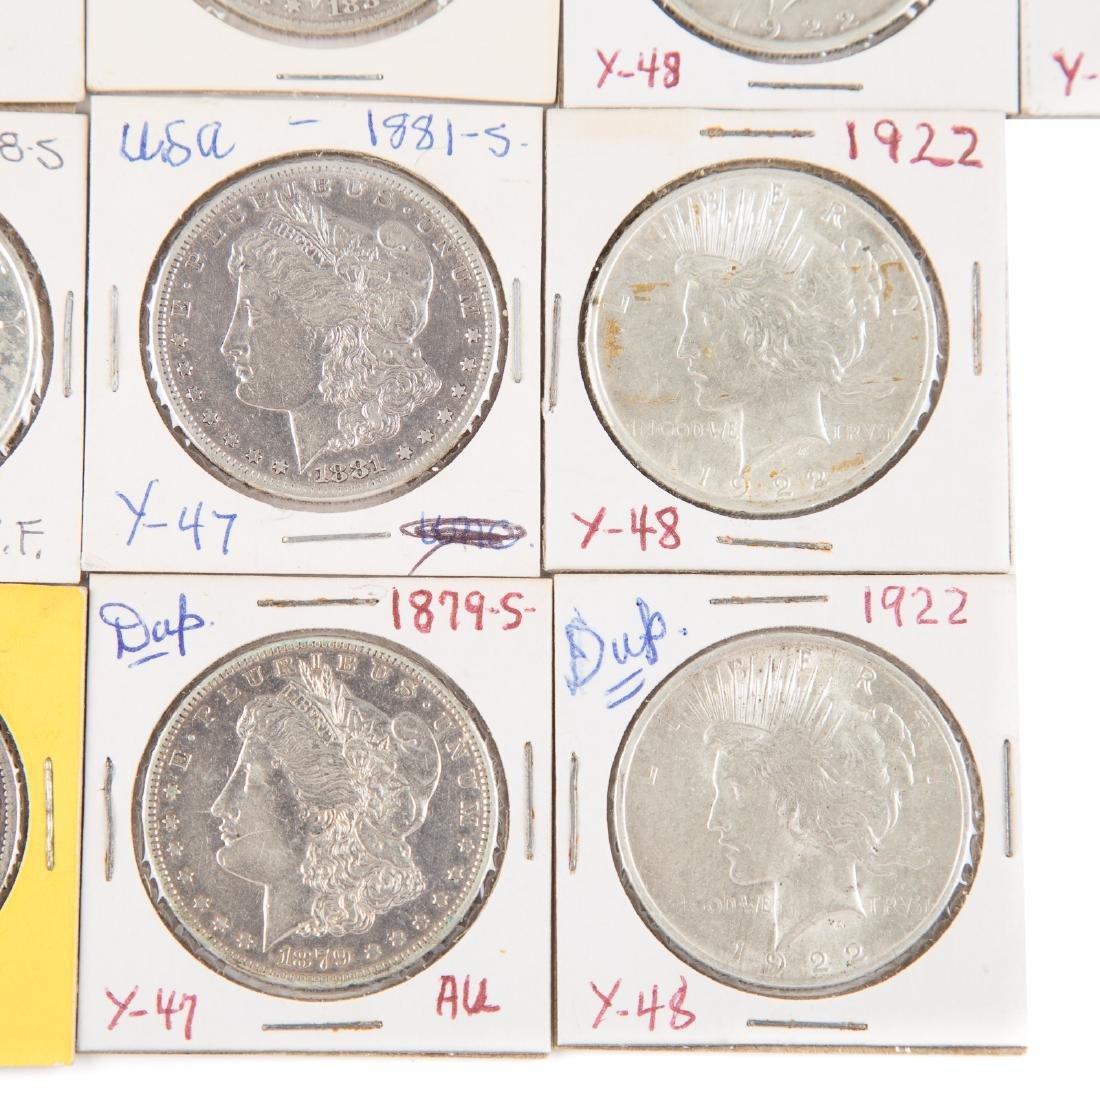 [US] 33 Morgan and Peace Silver Dollars - 2